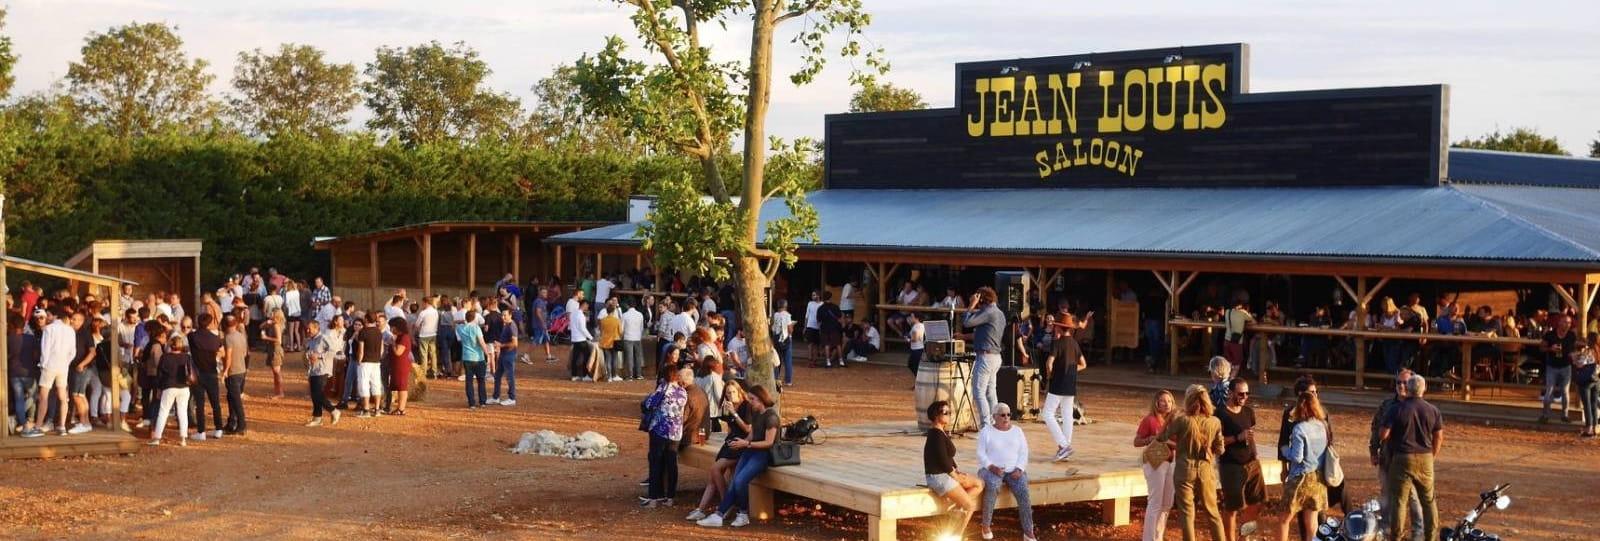 Le Saloon de Jean Louis